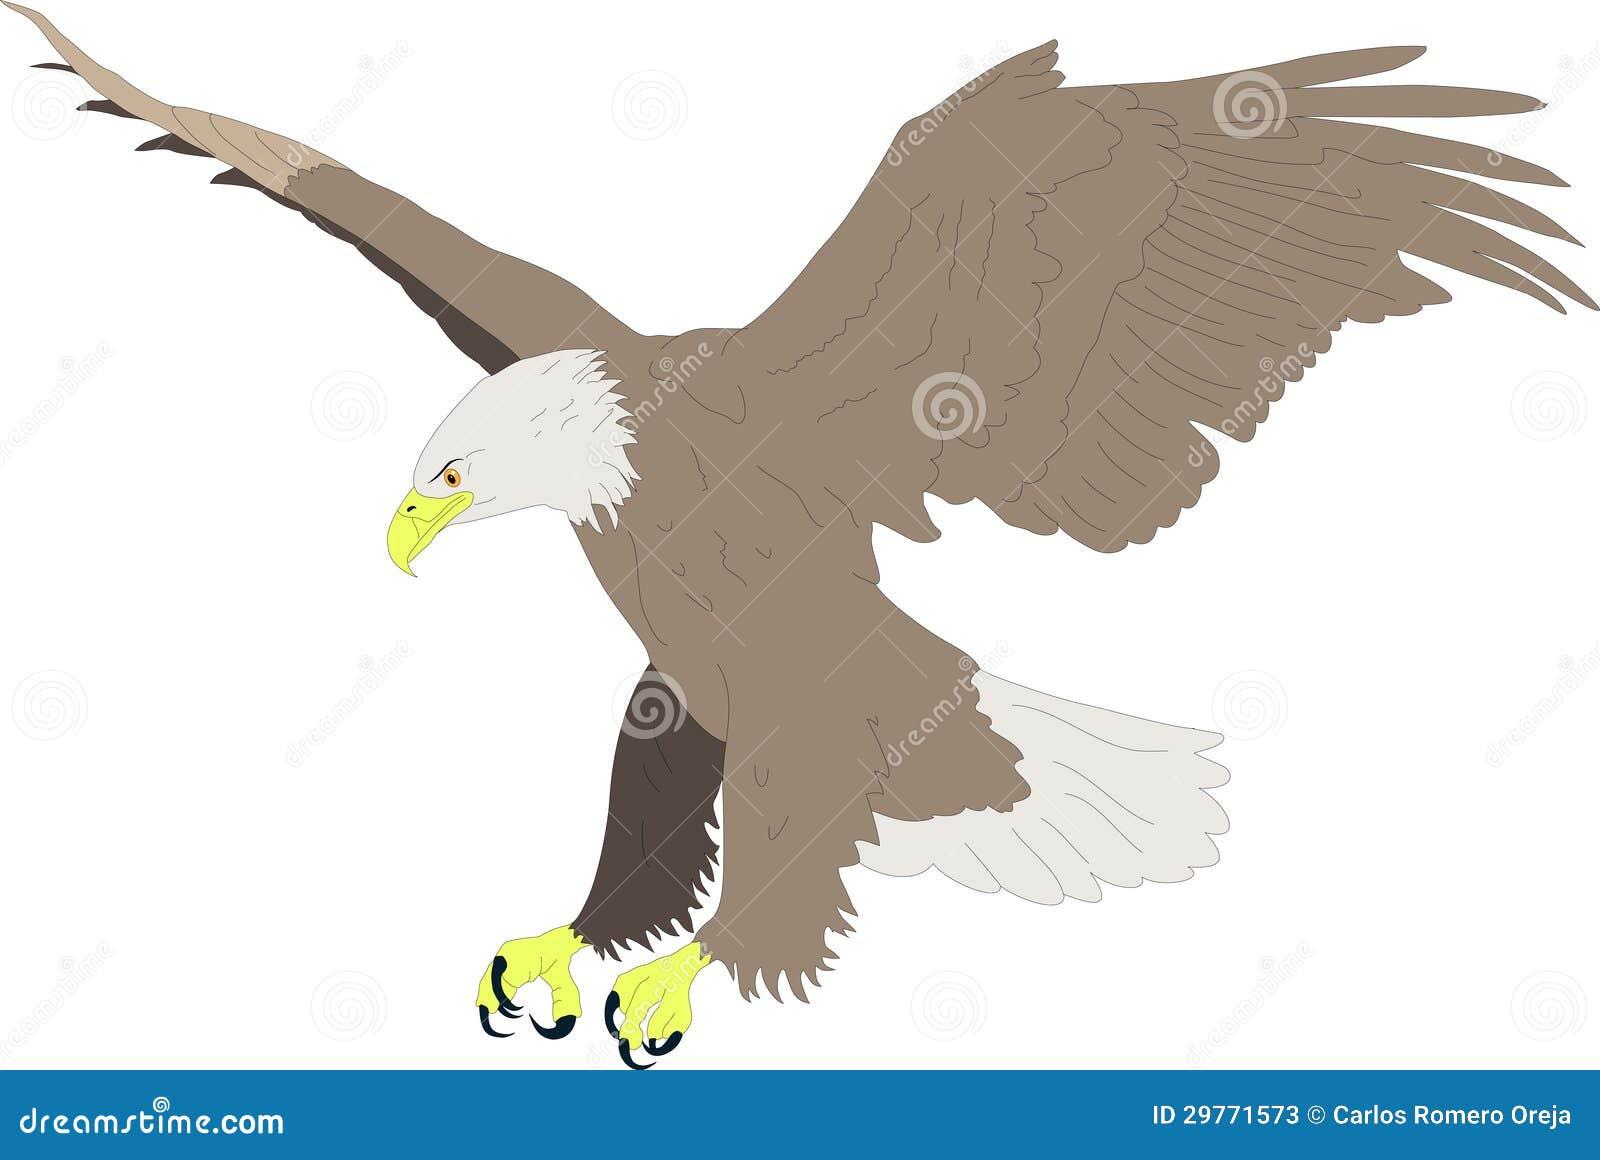 Águila calva ilustración del vector. Ilustración de libertad - 29771573